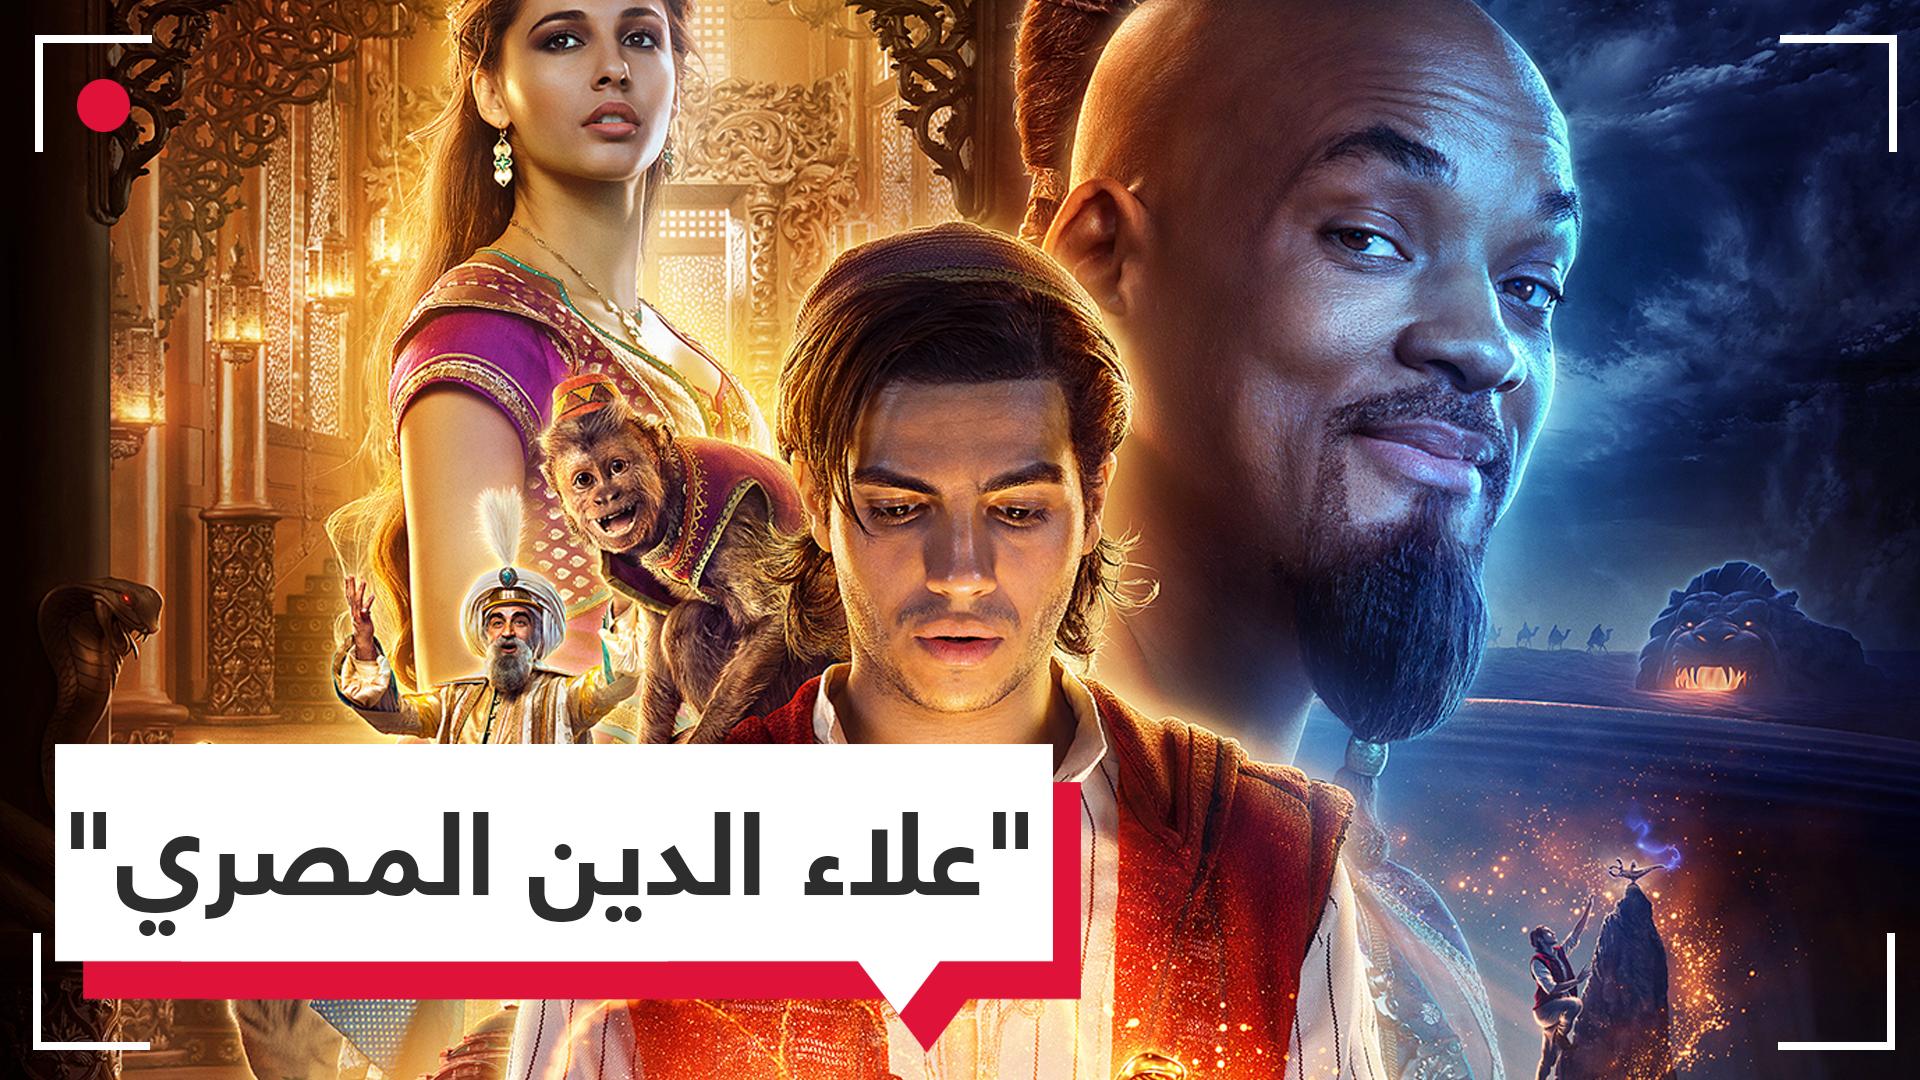 بتحيا مصر 3 مرات.. مينا مسعود بطل فيلم علاء الدين يوجه رسالة للمصريين